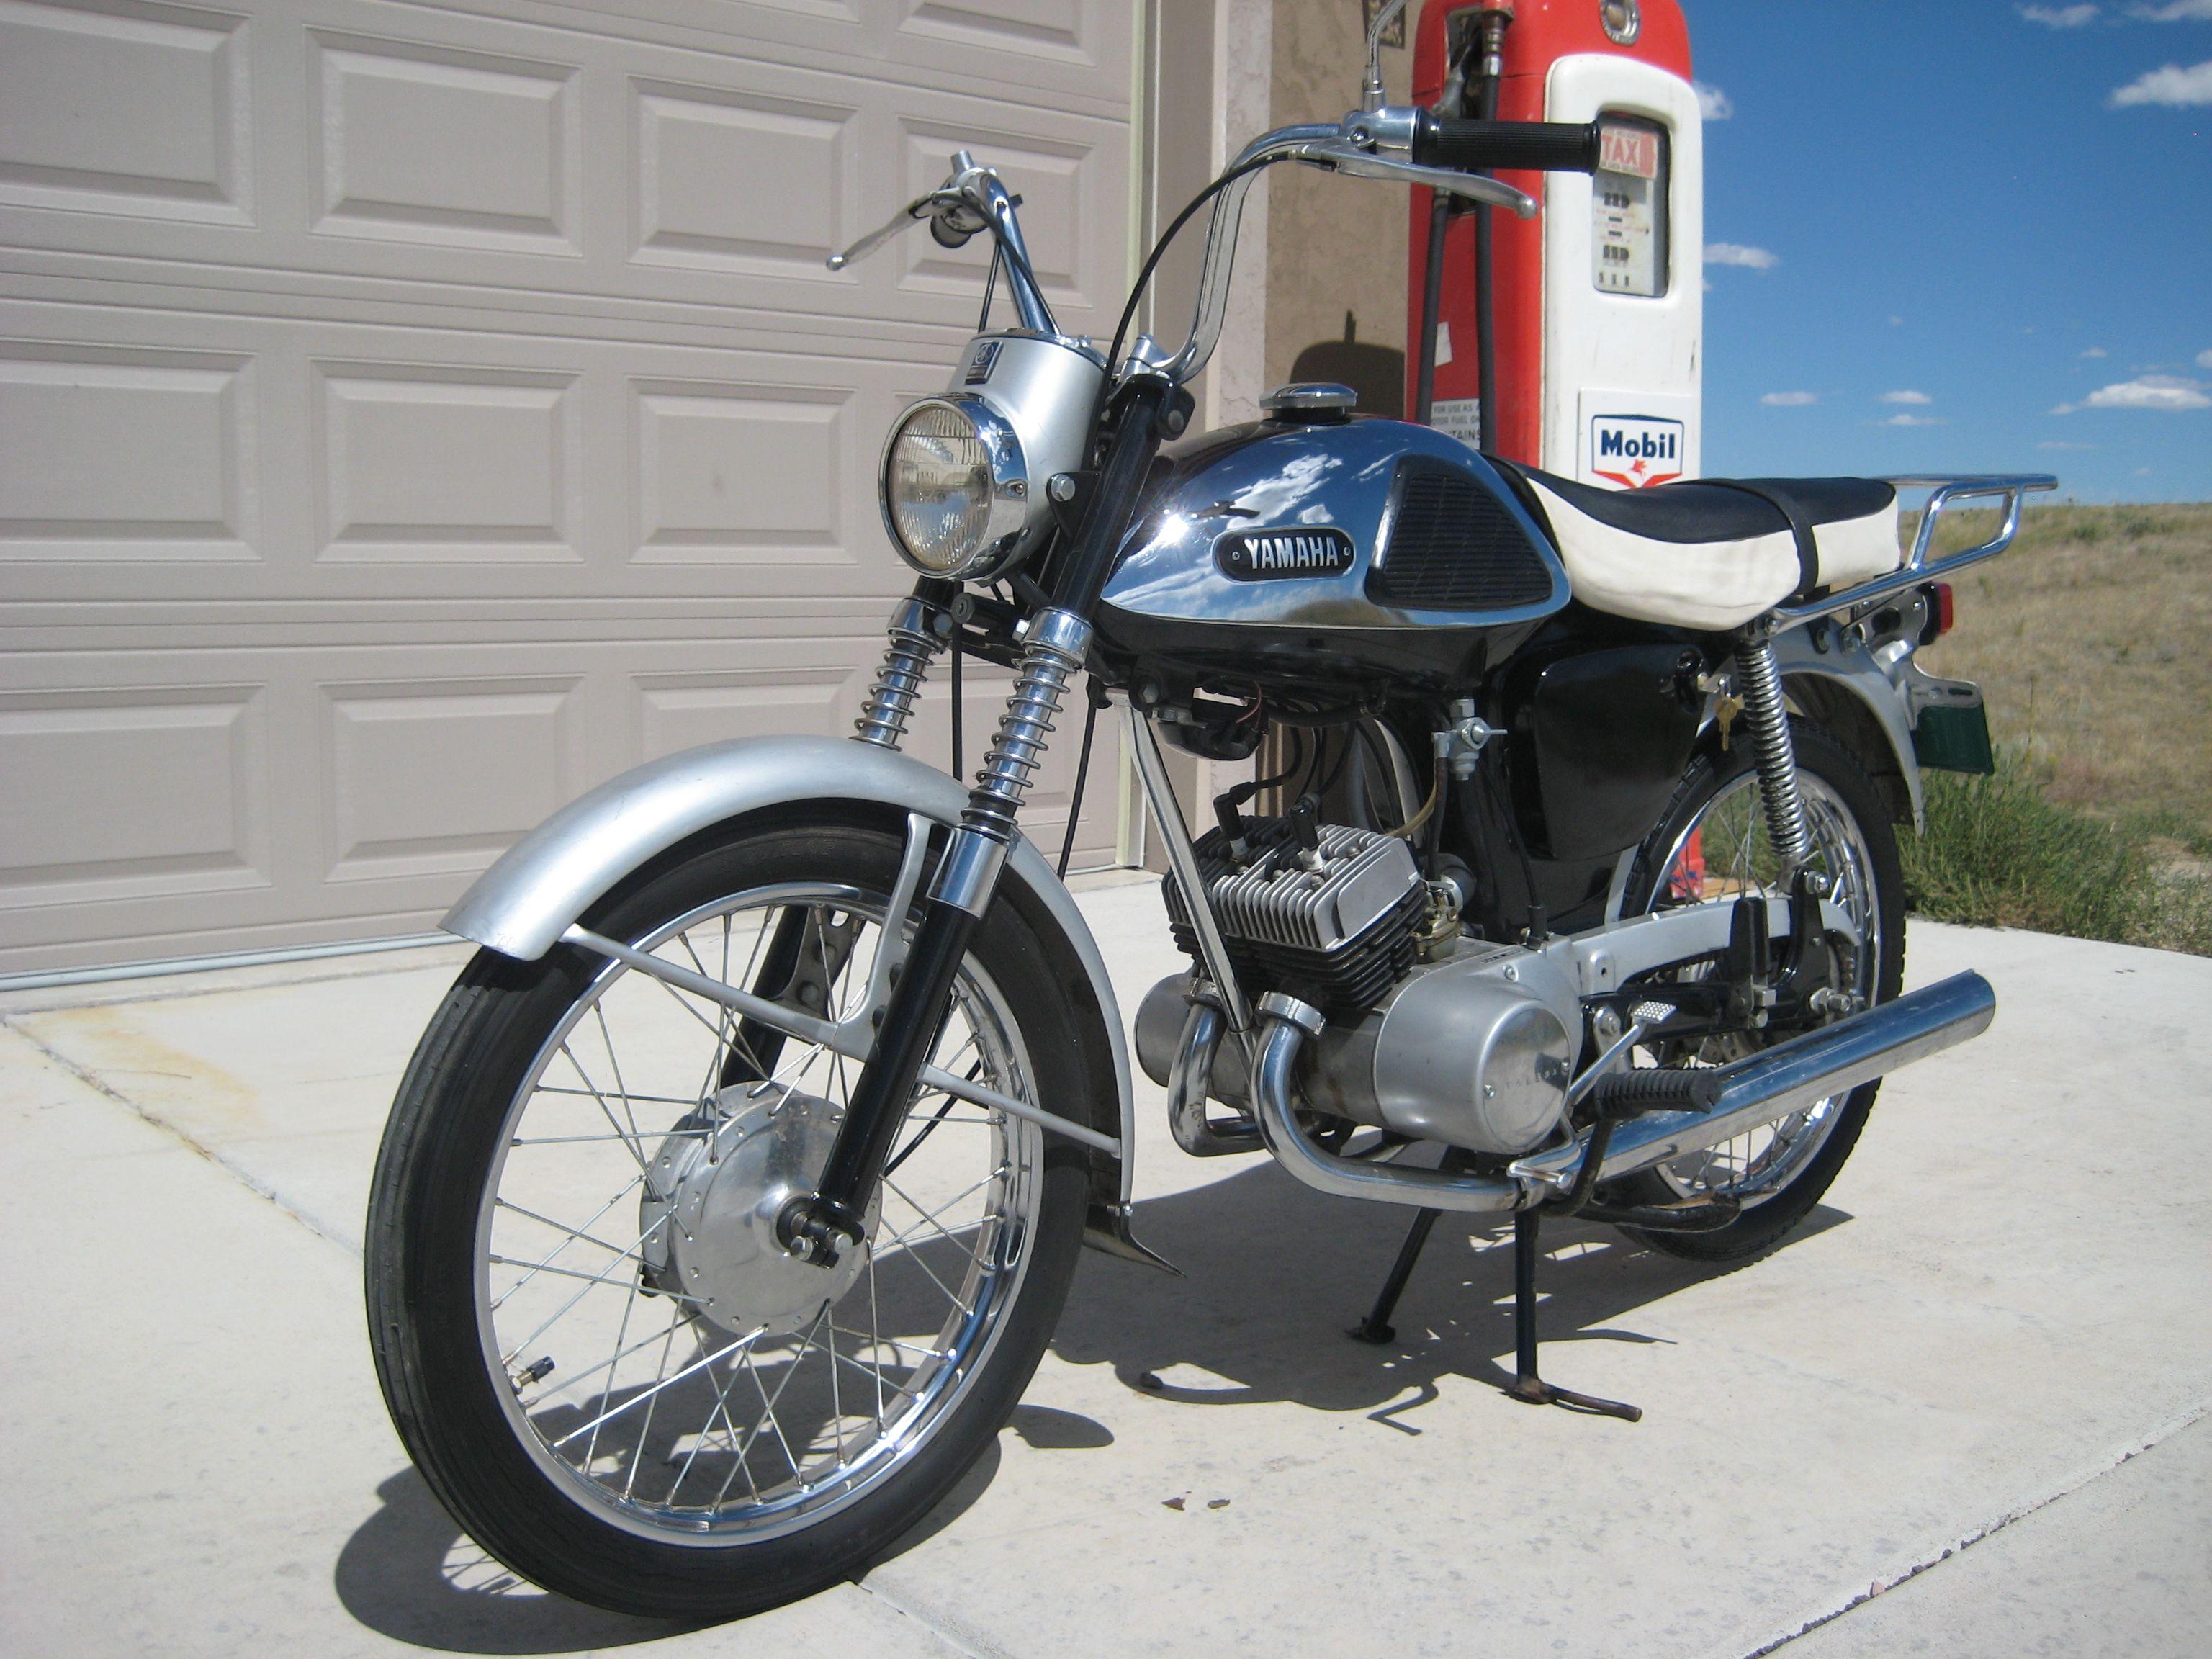 1966 Yamaha YL-1 Twin-Jet, 100cc 2 stroke engine w/4spd